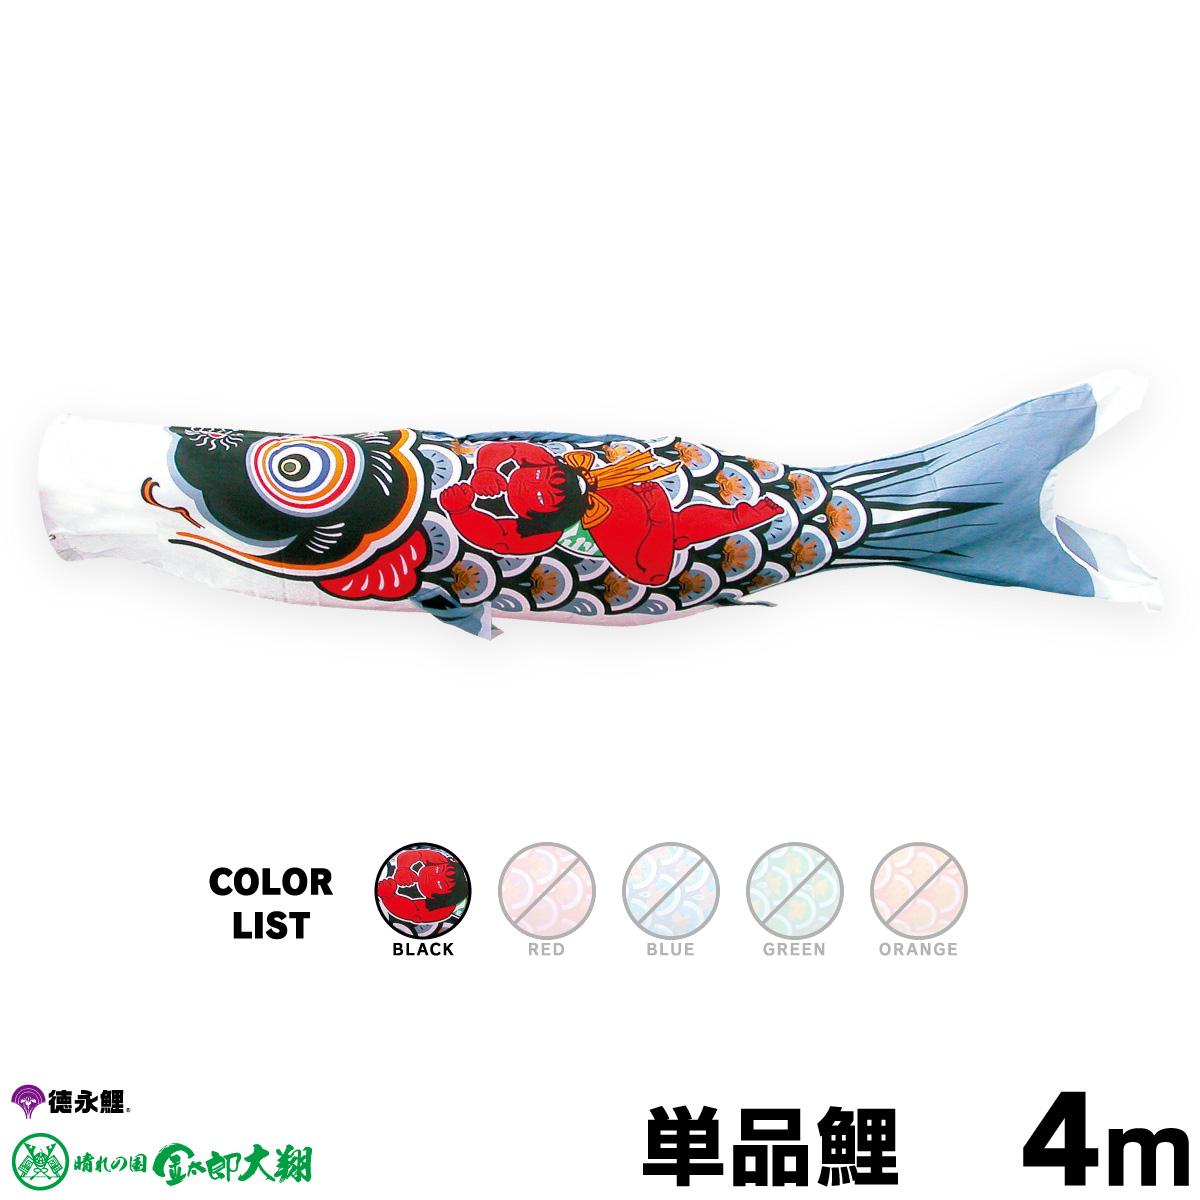 【こいのぼり 単品】 金太郎太翔 4m 単品鯉 黒